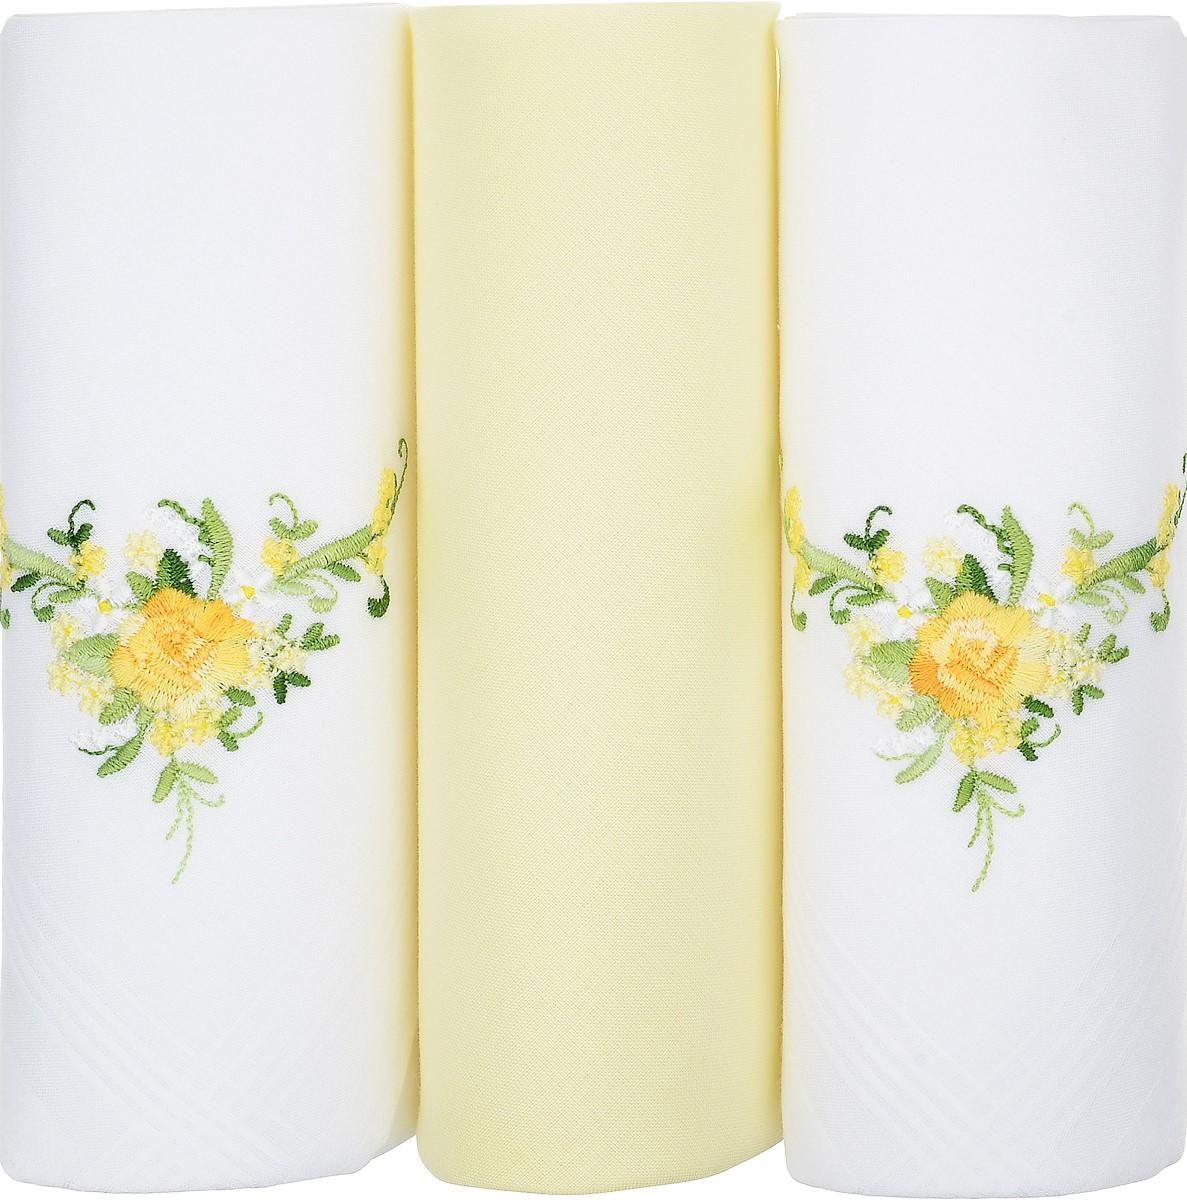 Платок носовой женский Zlata Korunka, цвет: белый, желтый, 3 шт. 25605-13. Размер 30 см х 30 см25605-13Небольшой женский носовой платок Zlata Korunka изготовлен из высококачественного натурального хлопка, благодаря чему приятен в использовании, хорошо стирается, не садится и отлично впитывает влагу. Практичный и изящный носовой платок будет незаменим в повседневной жизни любого современного человека. Такой платок послужит стильным аксессуаром и подчеркнет ваше превосходное чувство вкуса. В комплекте 3 платка.